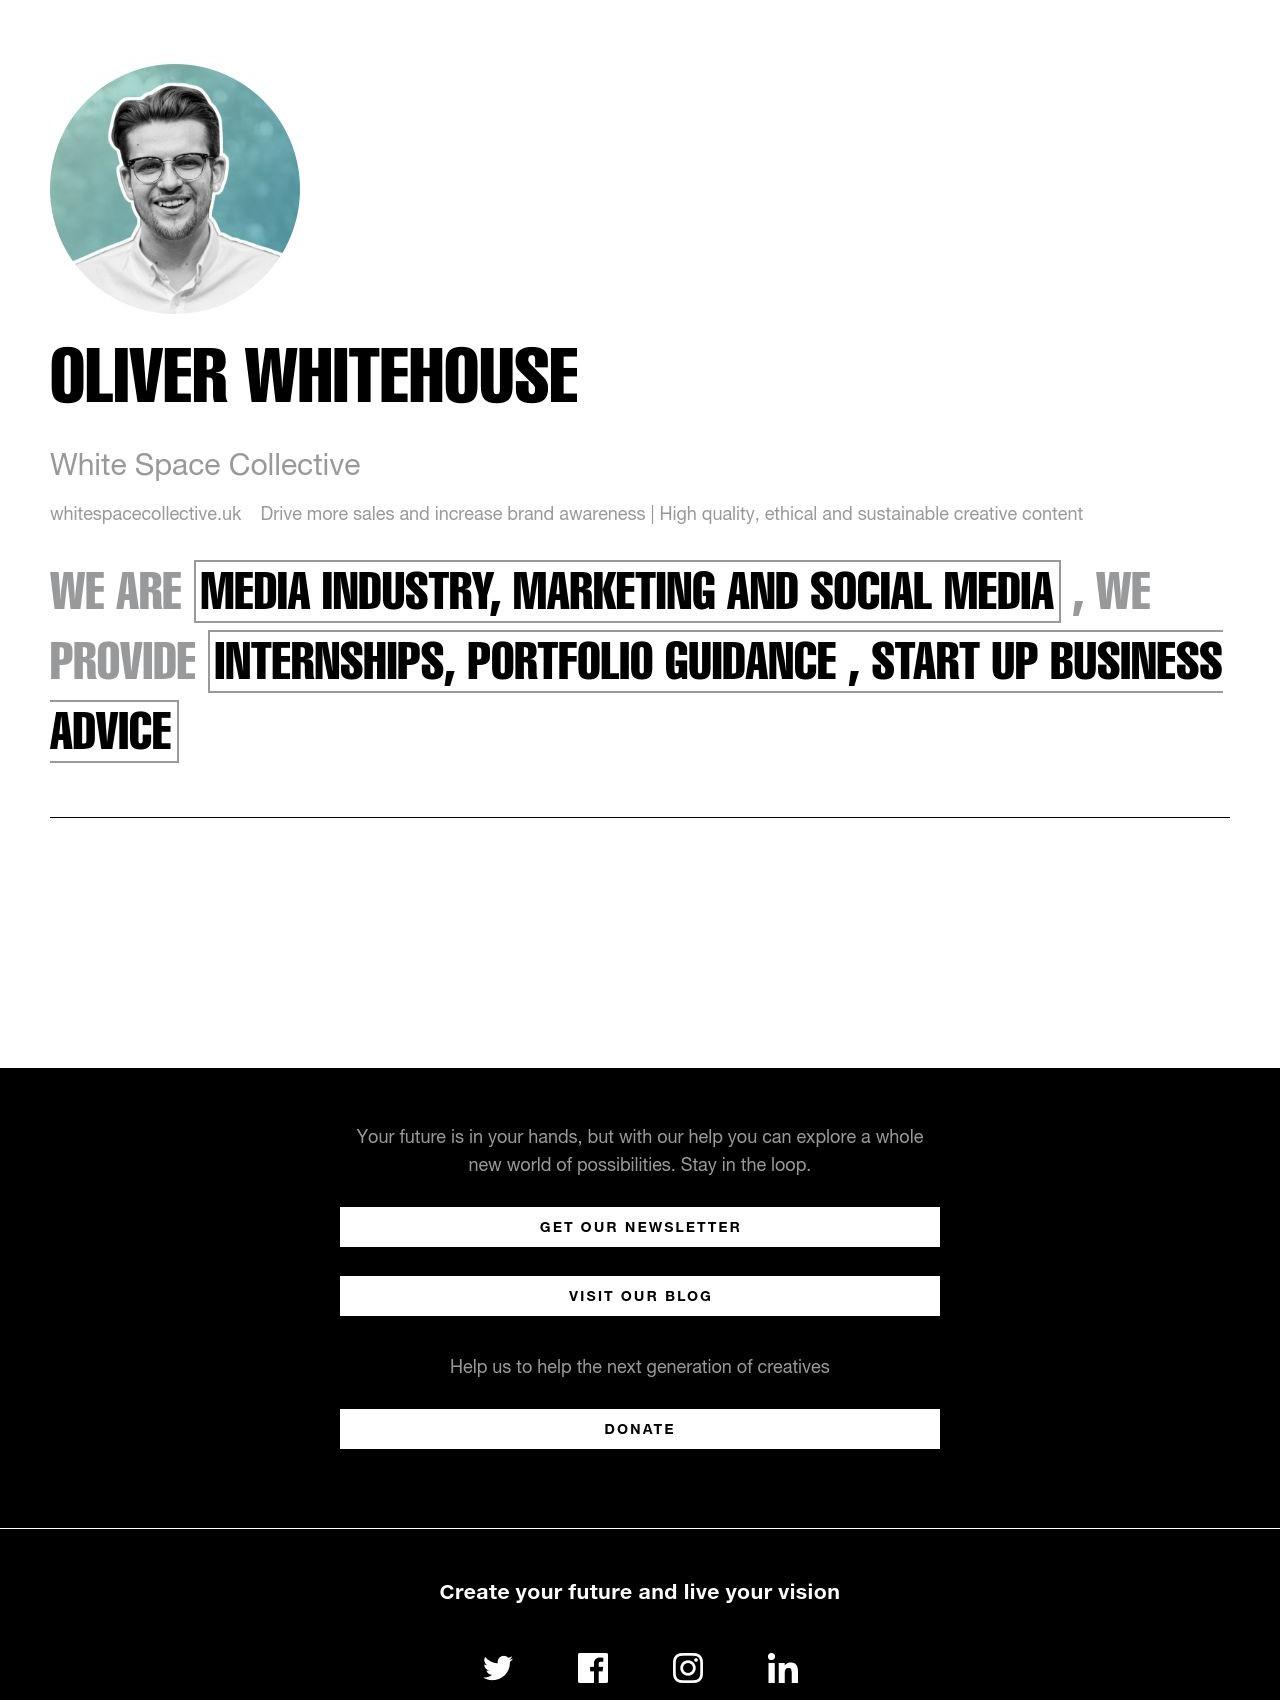 Oliver Whitehouse